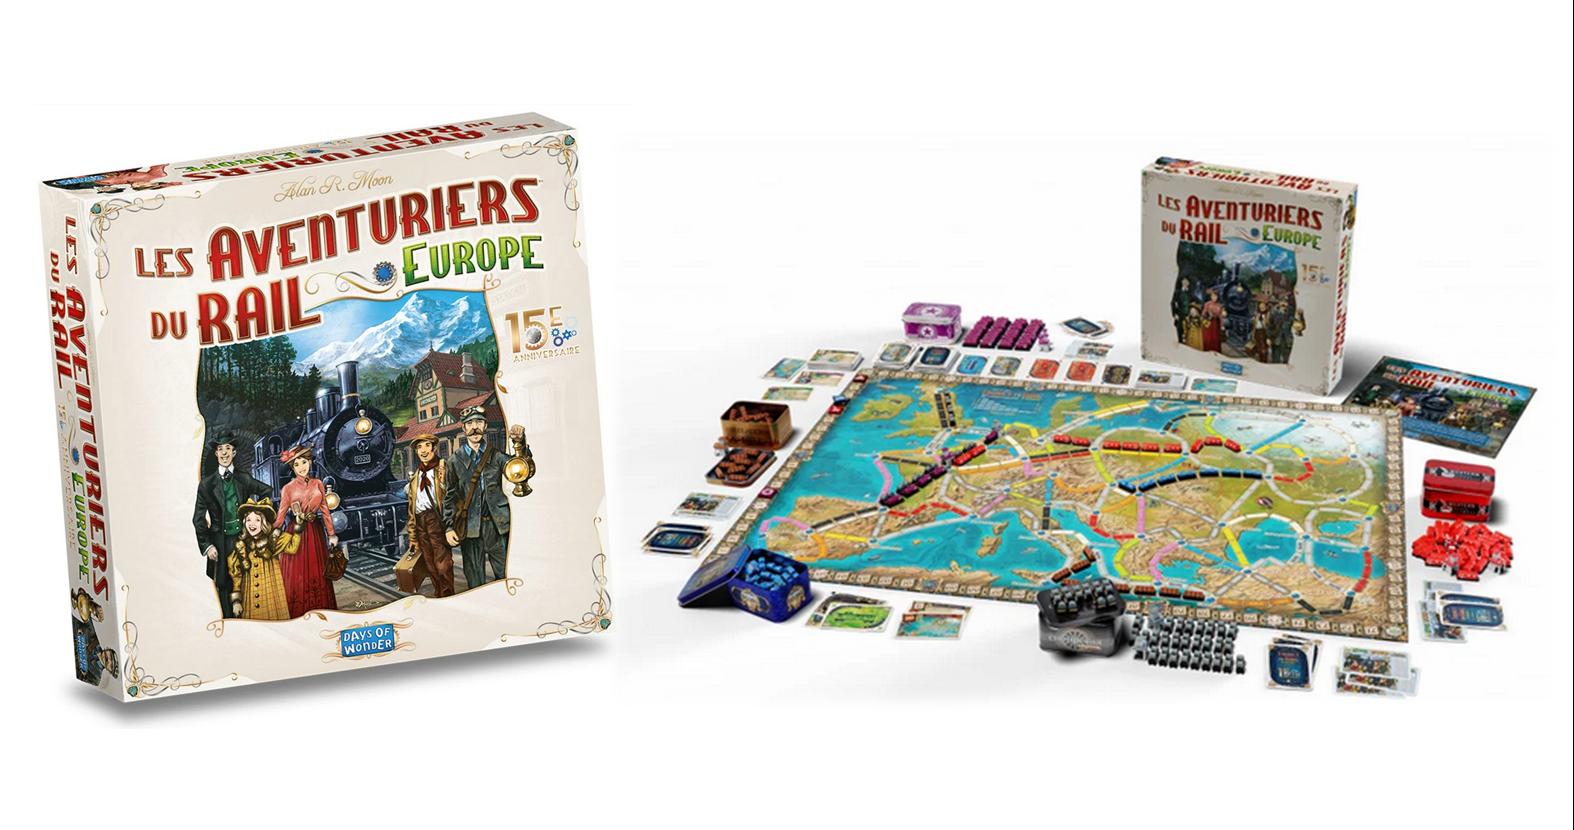 Jeux de société - Les Aventuriers du Rail Europe 15ème Anniversaire